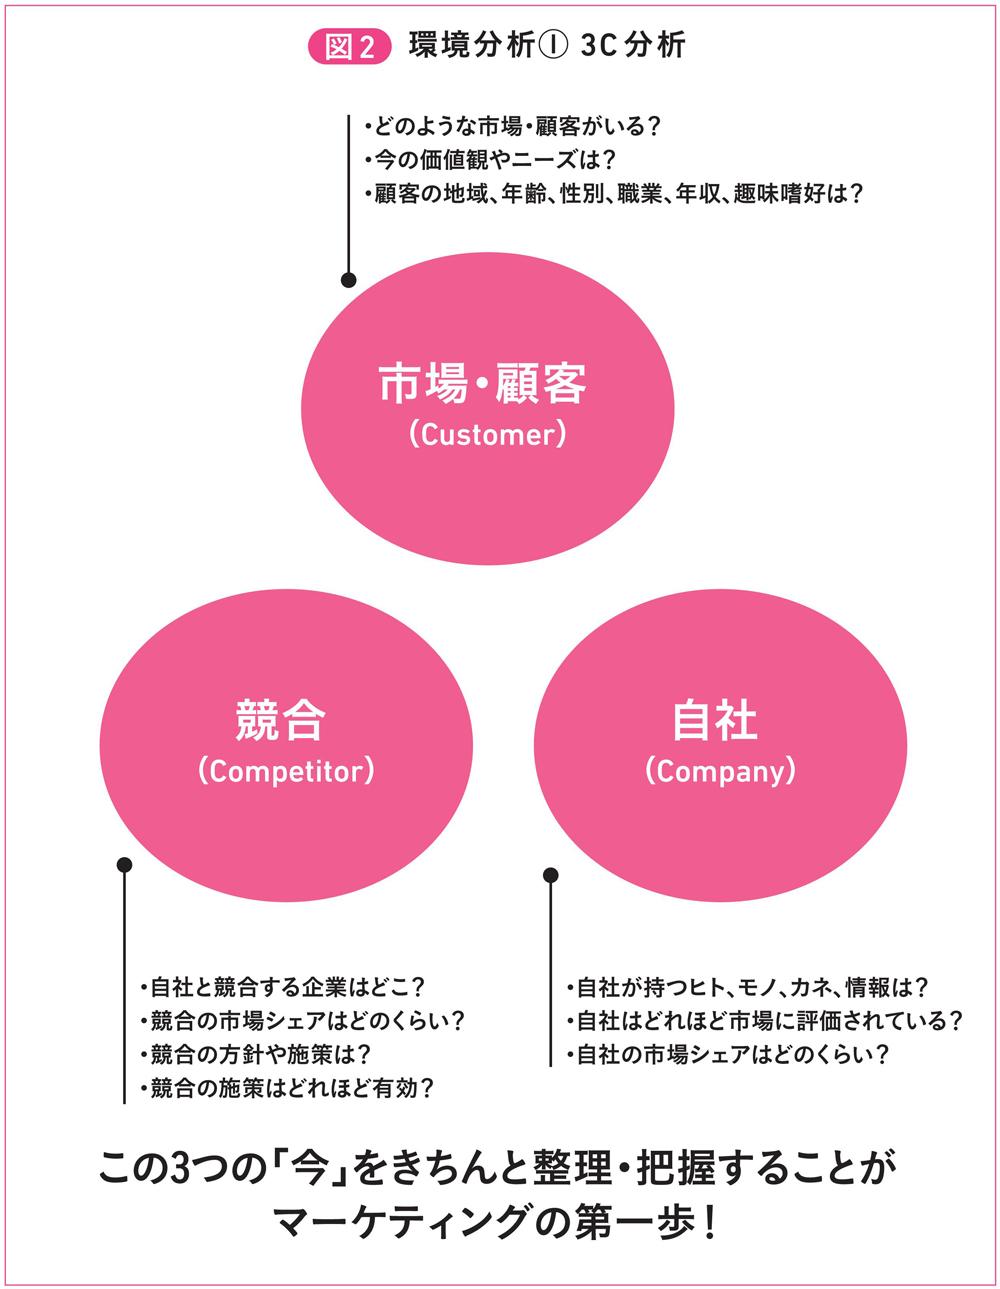 図2 環境分析(1) 3C分析